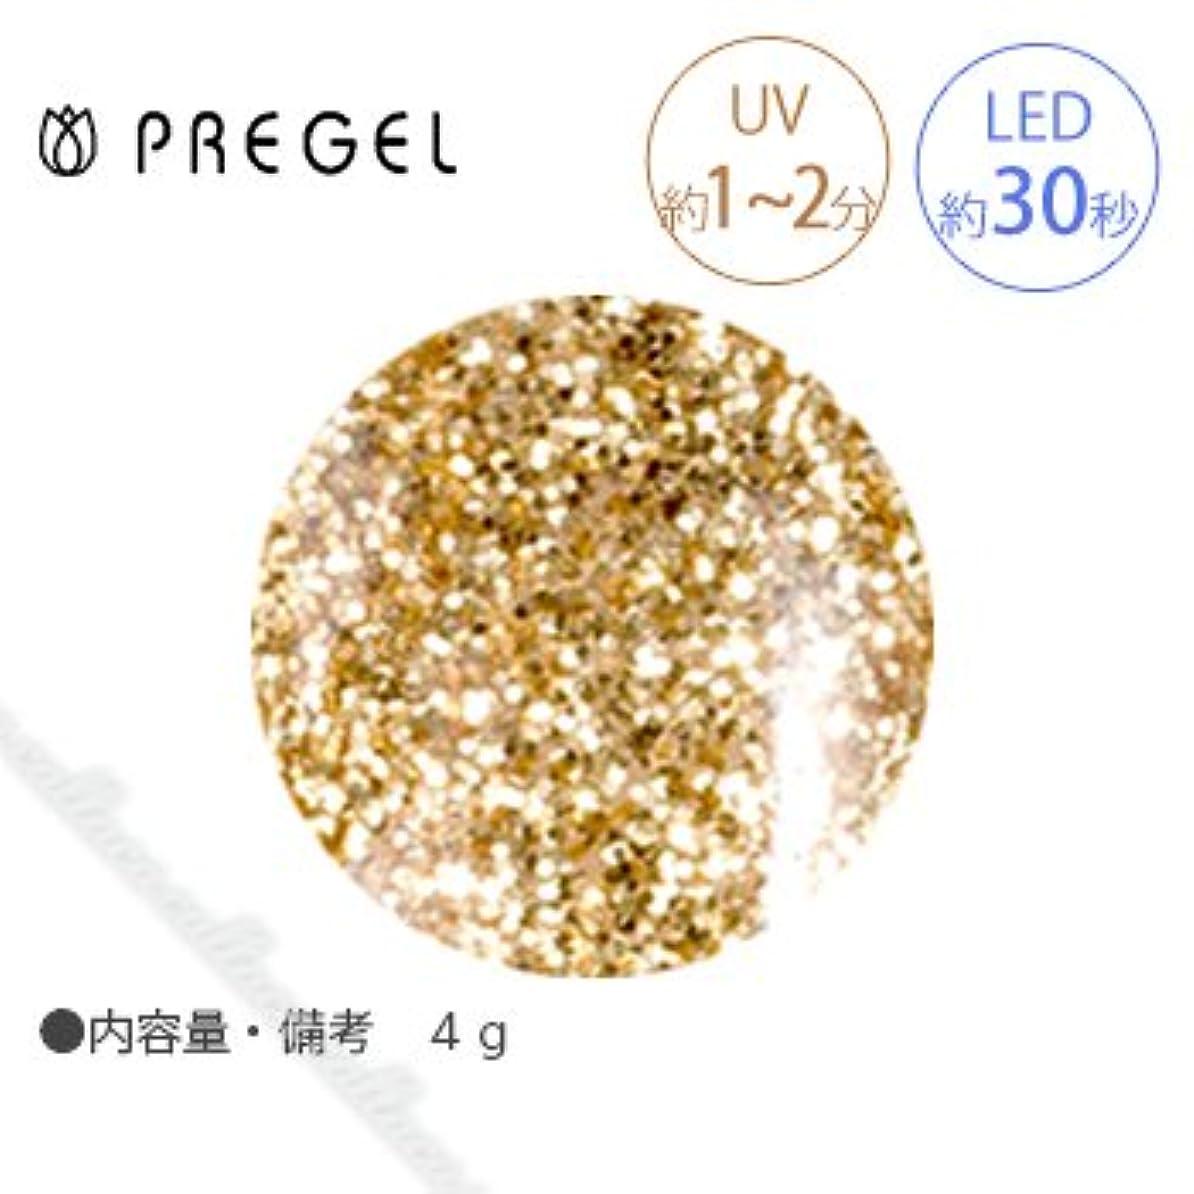 拒絶する論争宅配便【PREGEL】 プリジェル カラーEX ダイヤモンドシリーズ ダイヤモンドブロンズ PG-CE402 4g